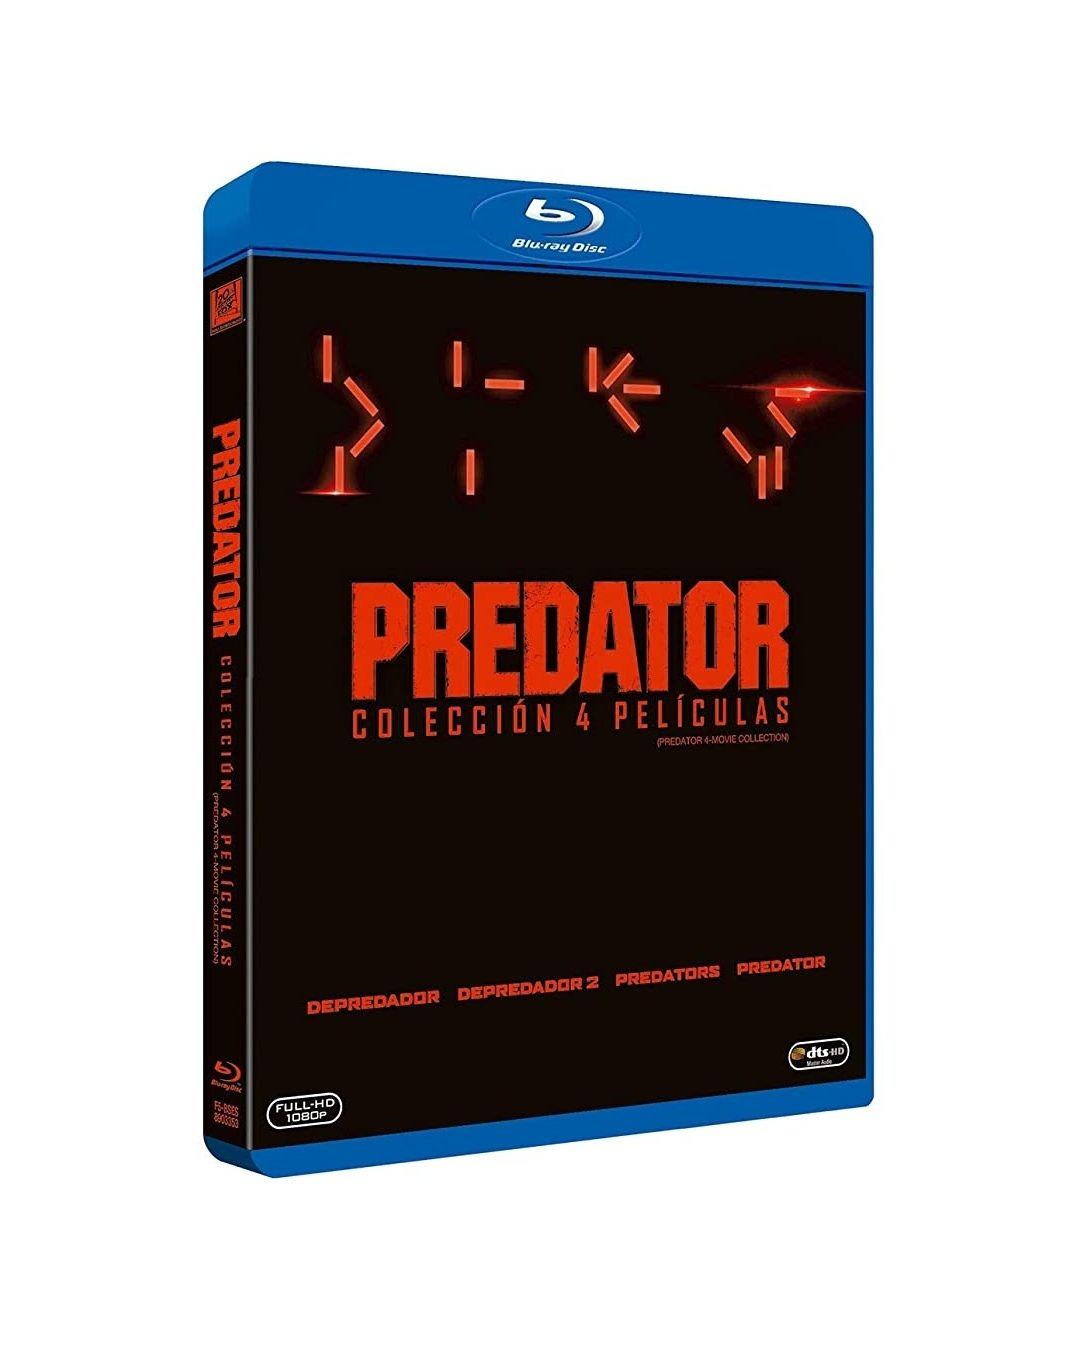 Colección 4 películas Predator